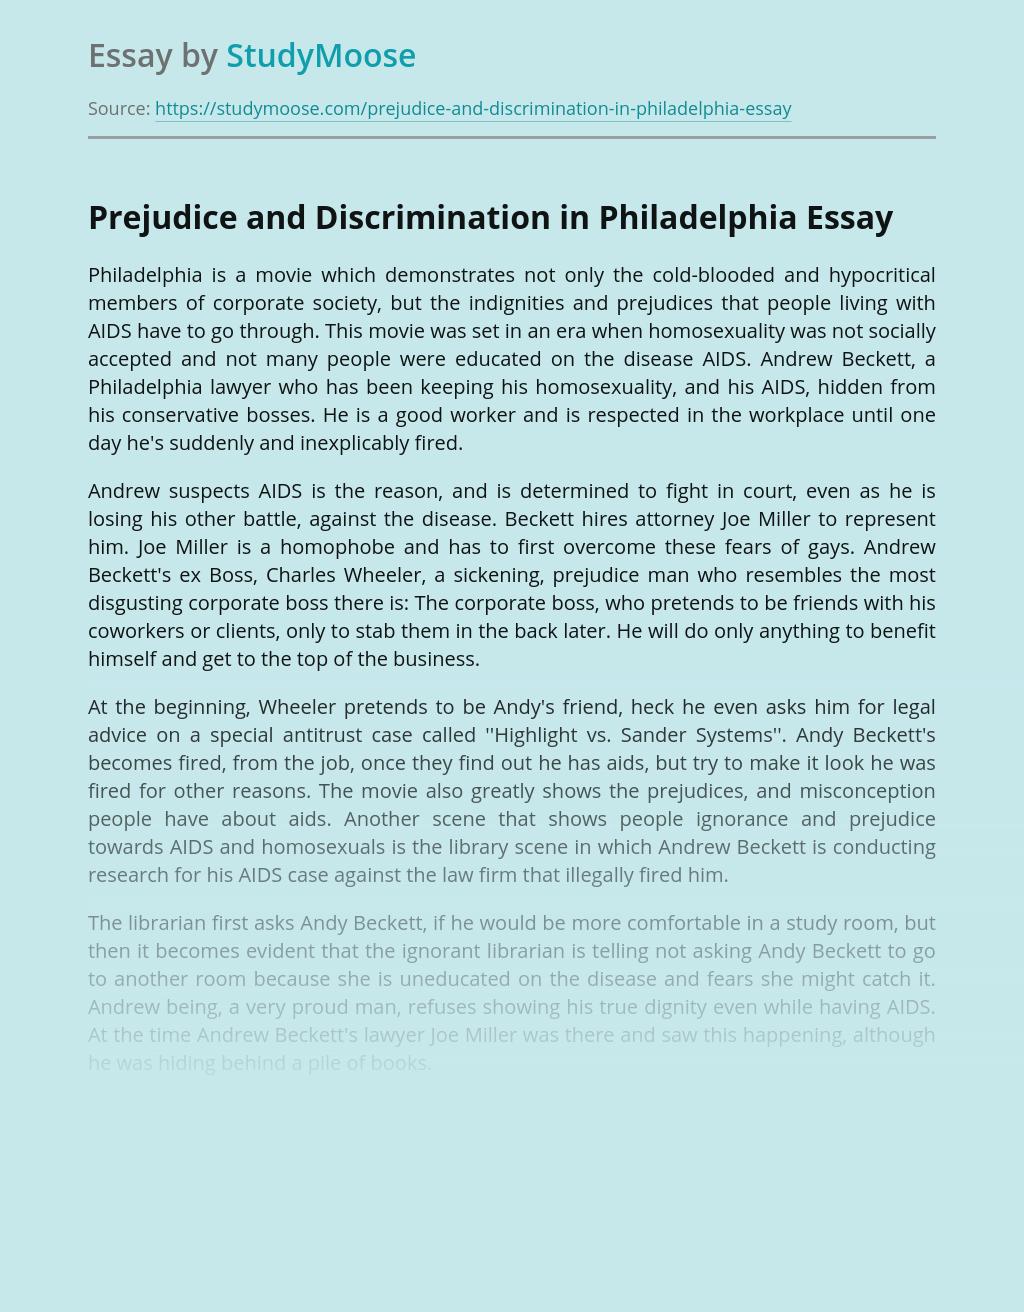 Prejudice and Discrimination in Philadelphia